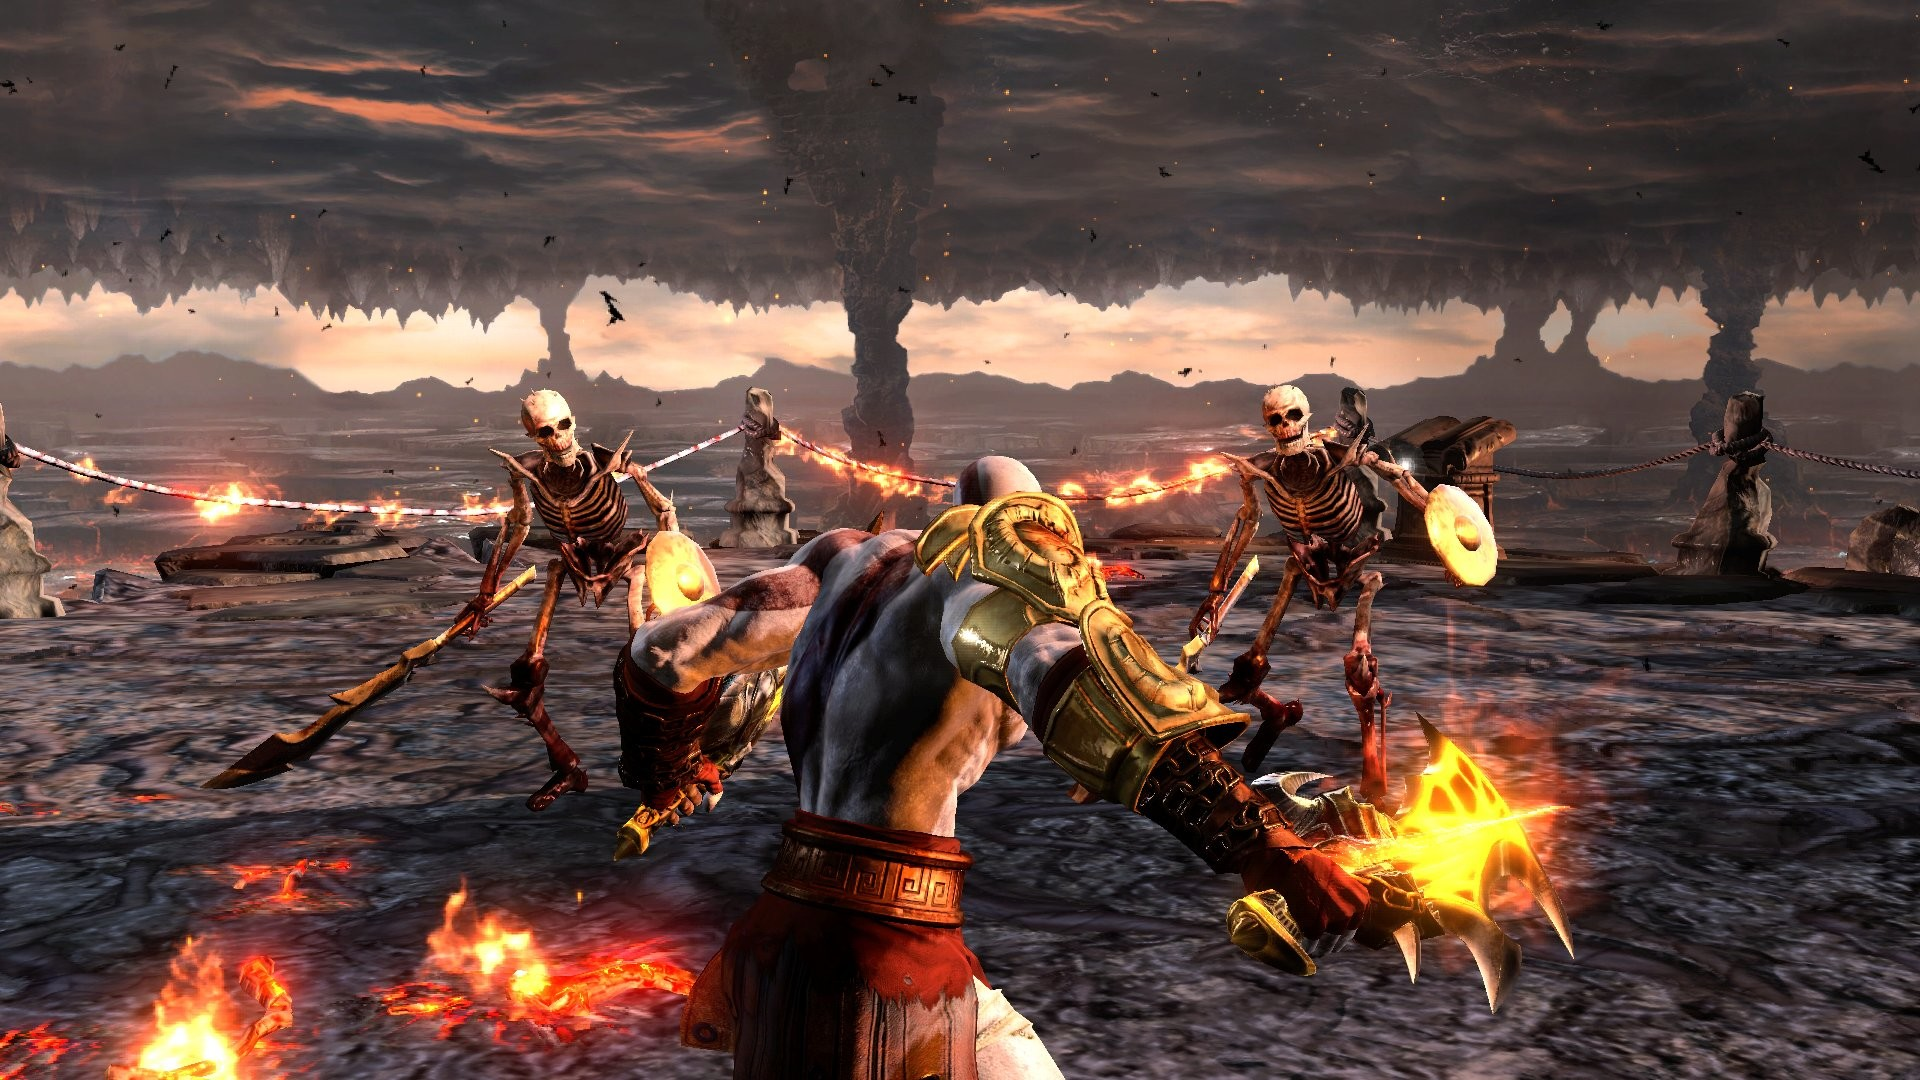 God Of War 3 Wallpaper Hd 82 Images